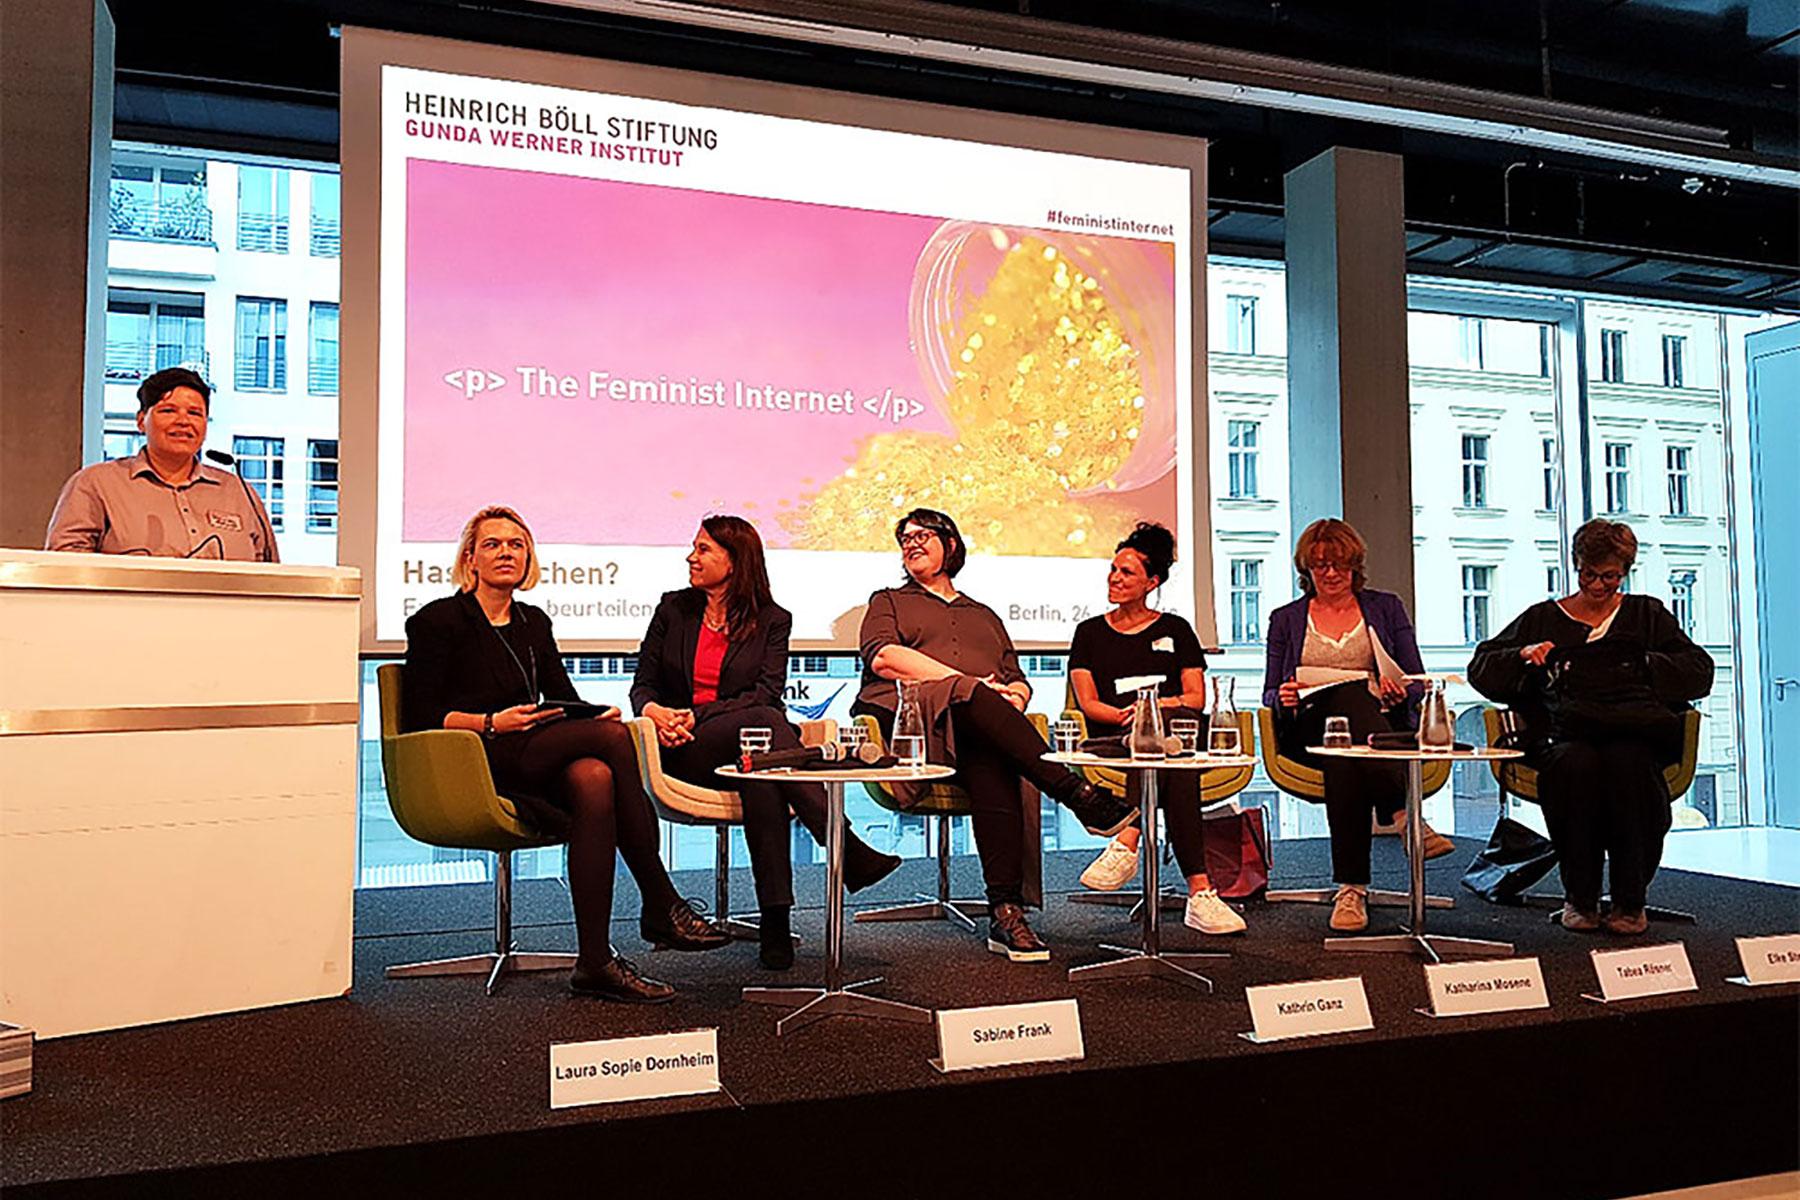 Building a feminist Internet: Feministische Netzpolitik in der Praxis. Veranstaltung des Gunda-Werner-Instituts © FCZB 2018